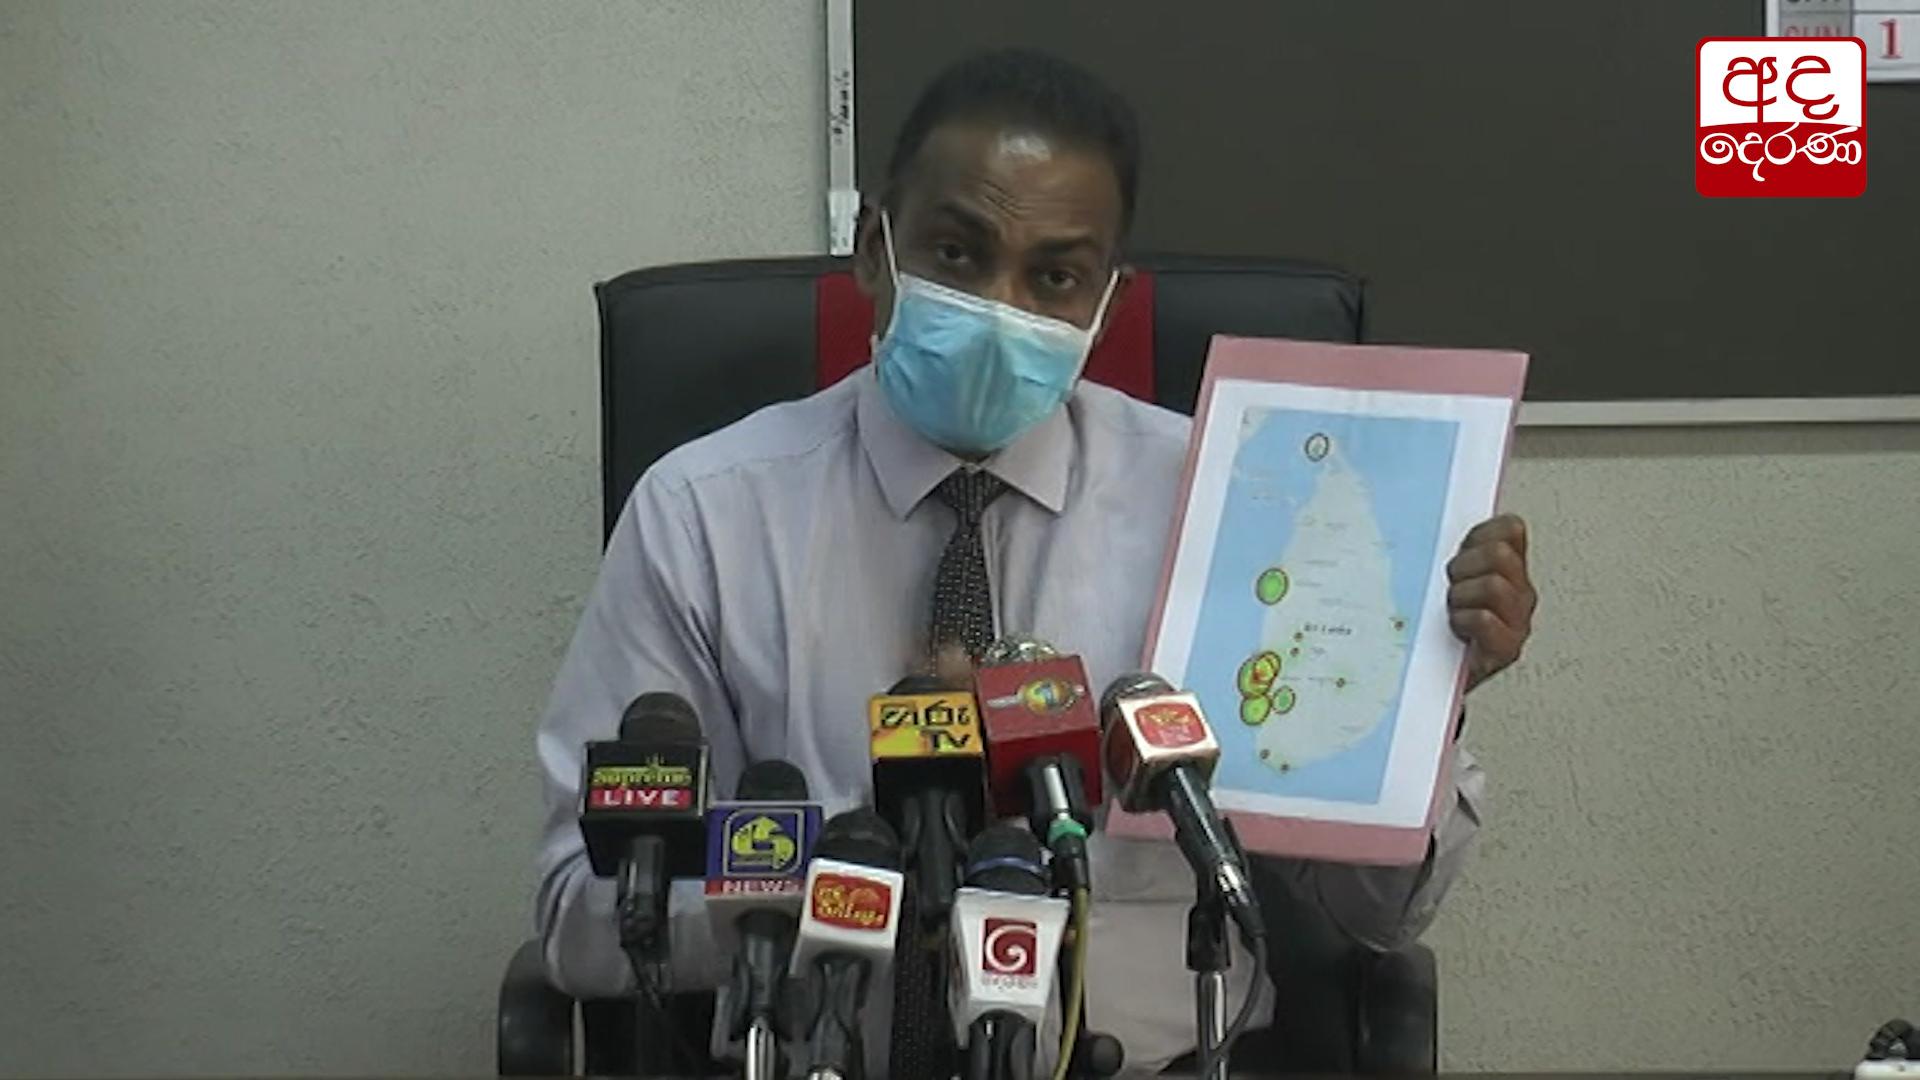 Coming 2-3 weeks will be extremely risky - Dr. Jayaruwan Bandara